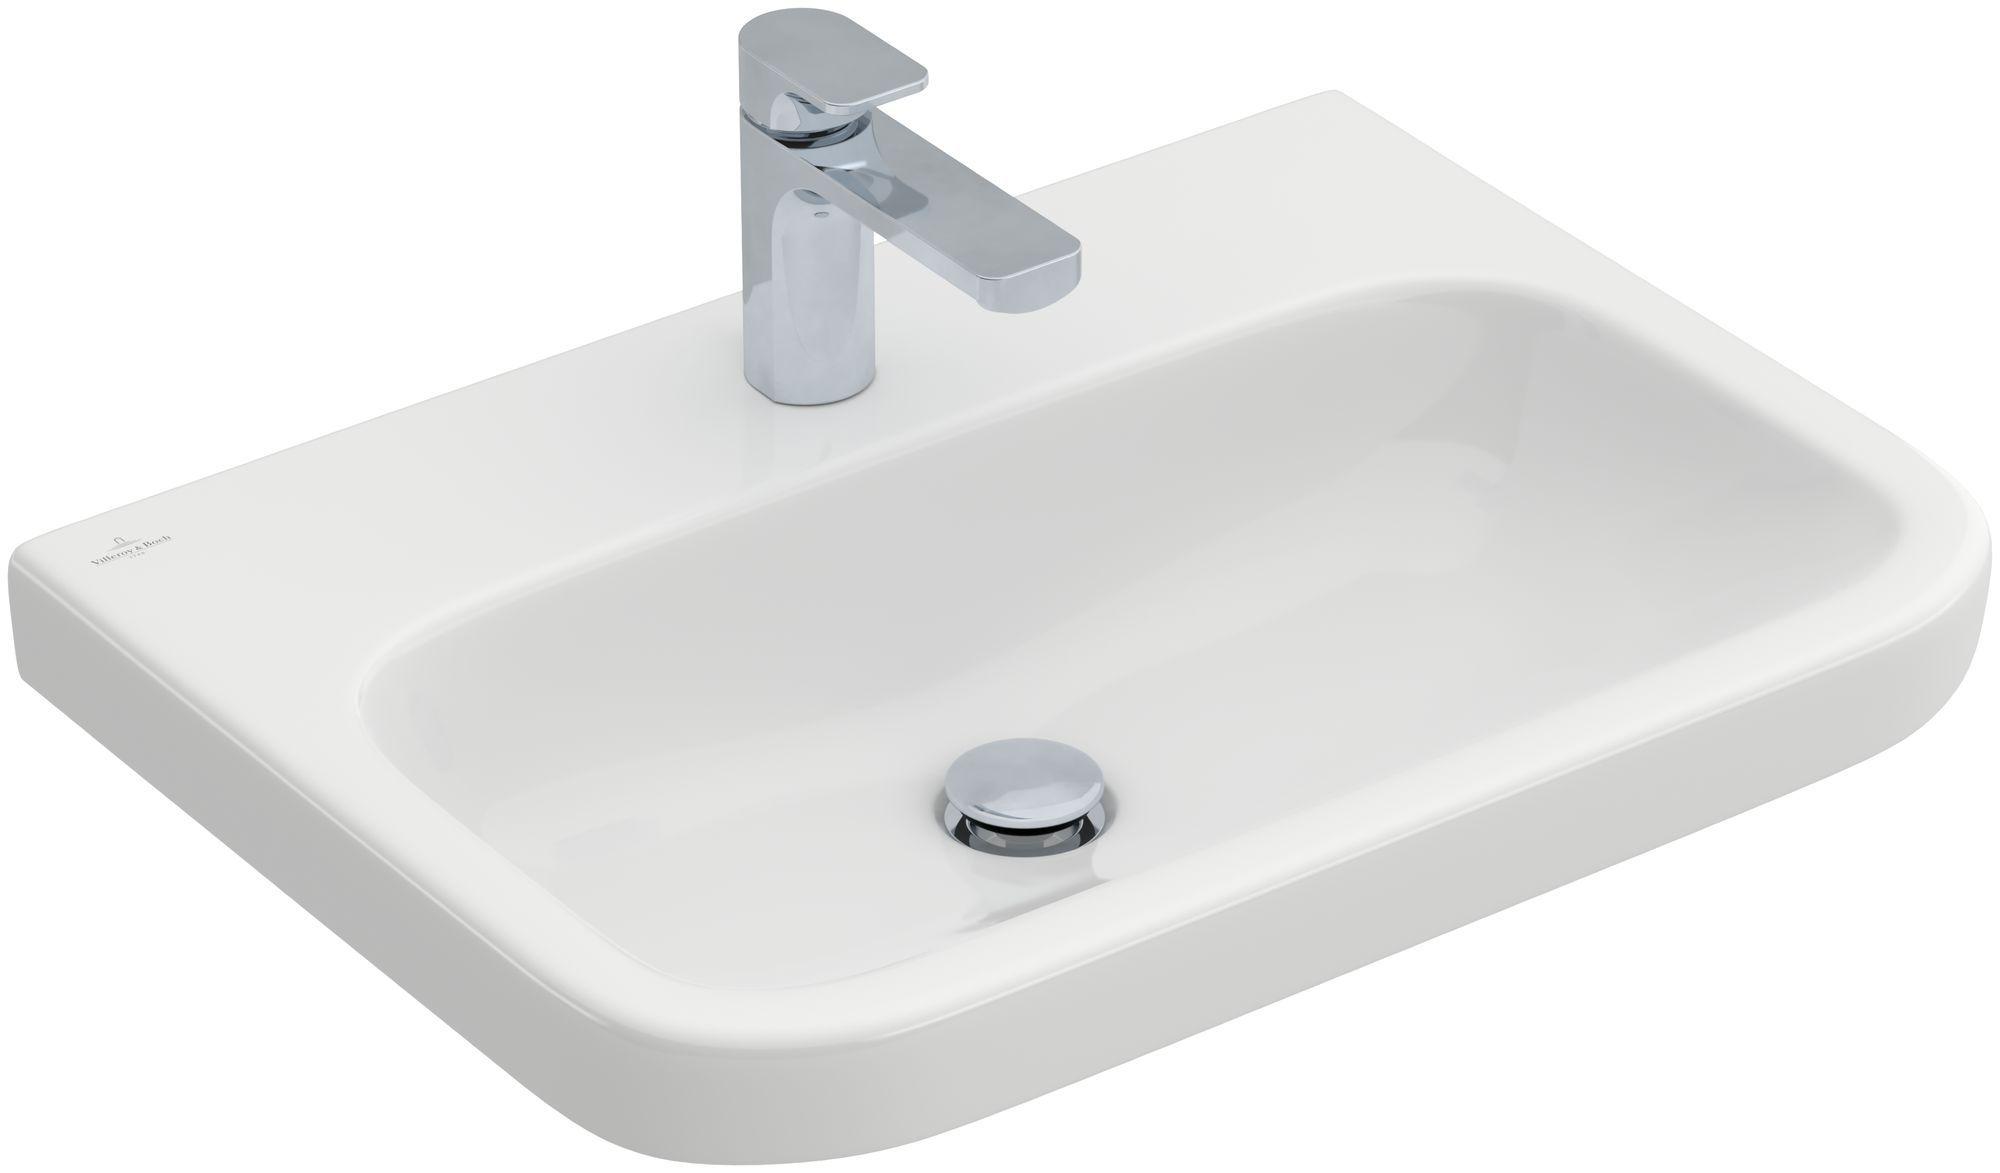 Villeroy & Boch Architectura Waschtisch B:65xT:47cm mit 1 Hahnloch ohne Überlauf weiß mit CeramicPlus 418866R1